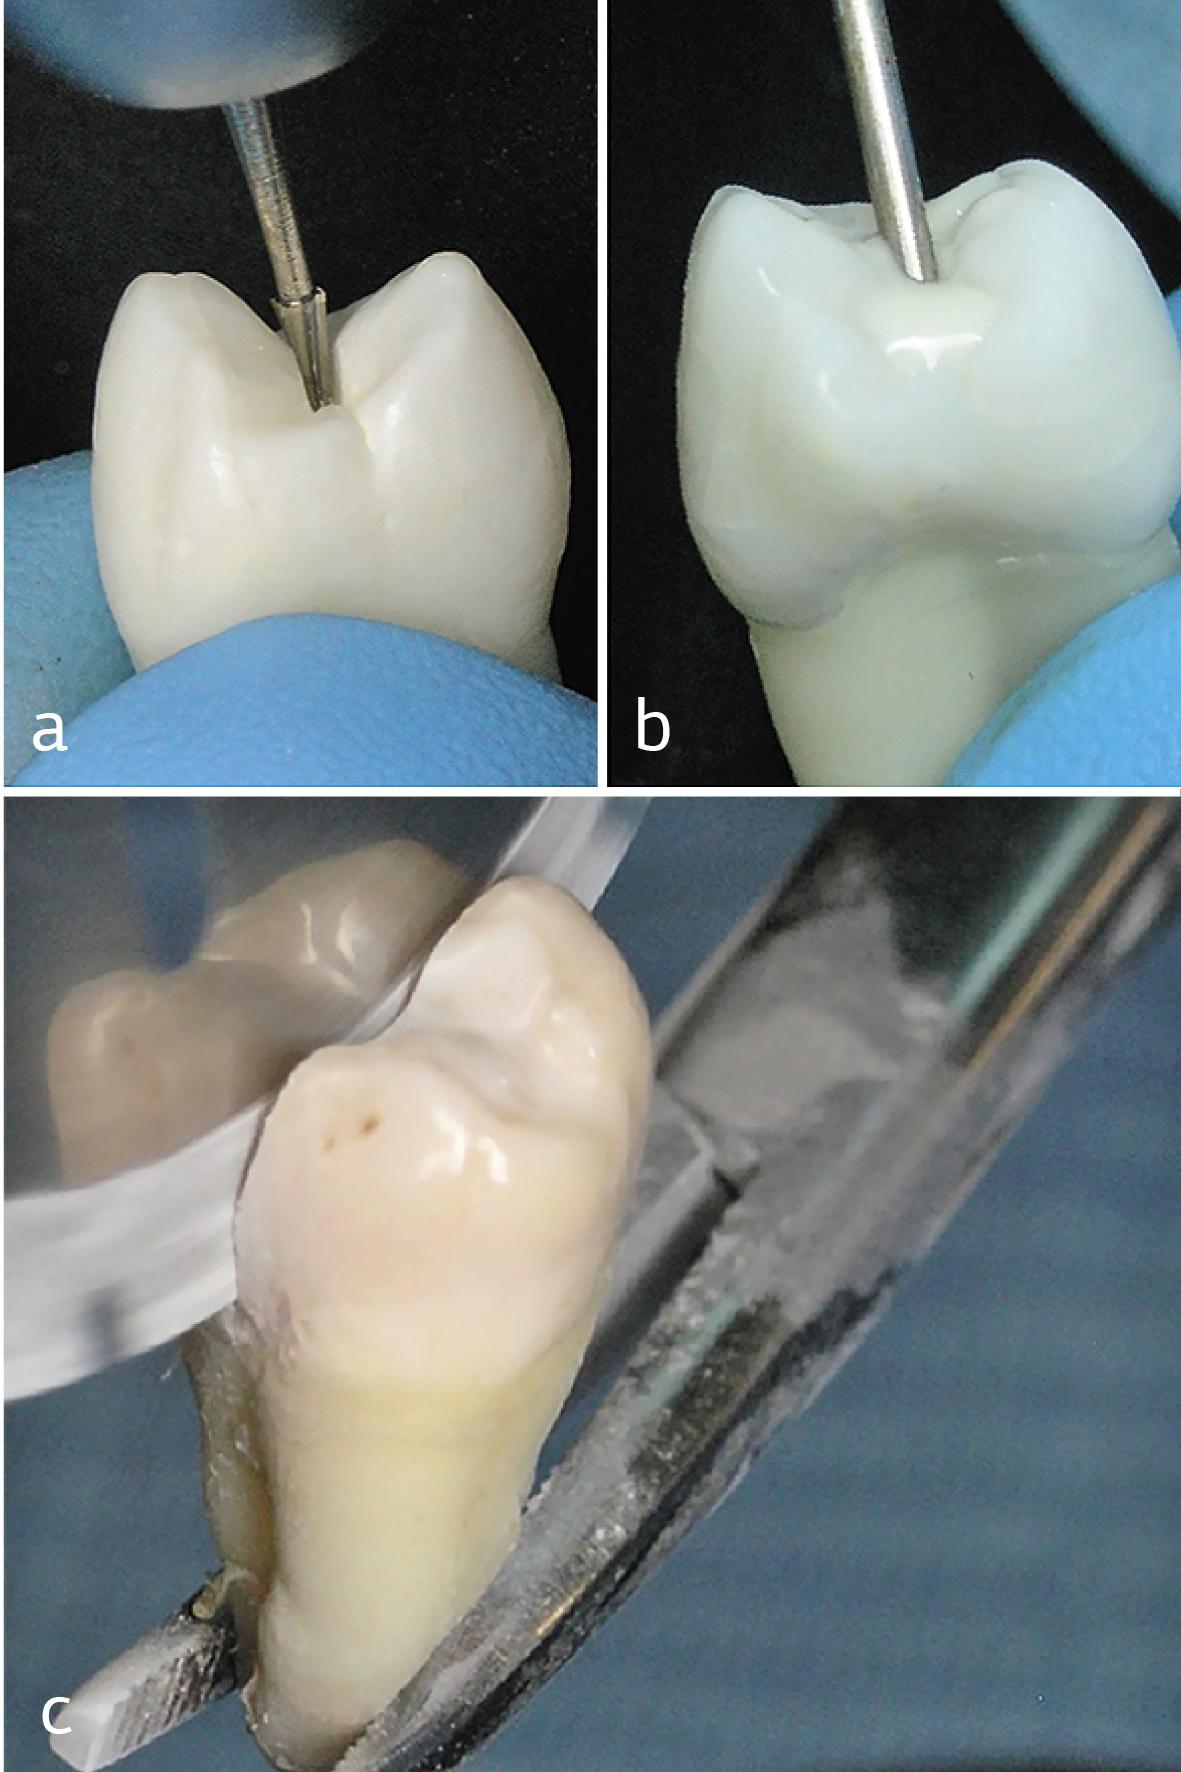 Рис. 2. Основные этапы выполненного исследования: a — препарирование фиссур удаленных премоляров; b — заполнение полости текучим композитом; c — изготовление шлифов зубов.